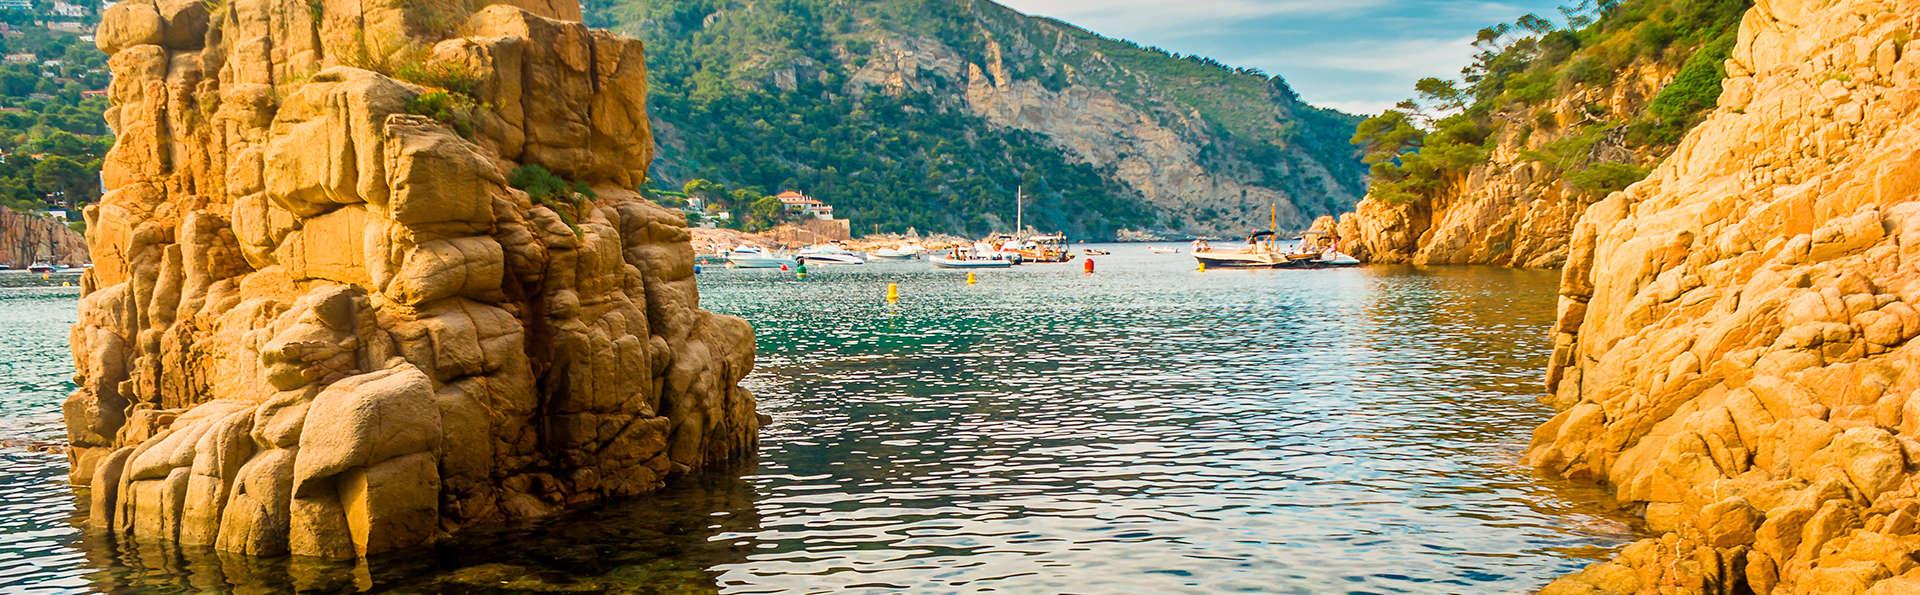 Venez découvrir la Costa Brava avec les petits-déjeuners et le stationnement inclus